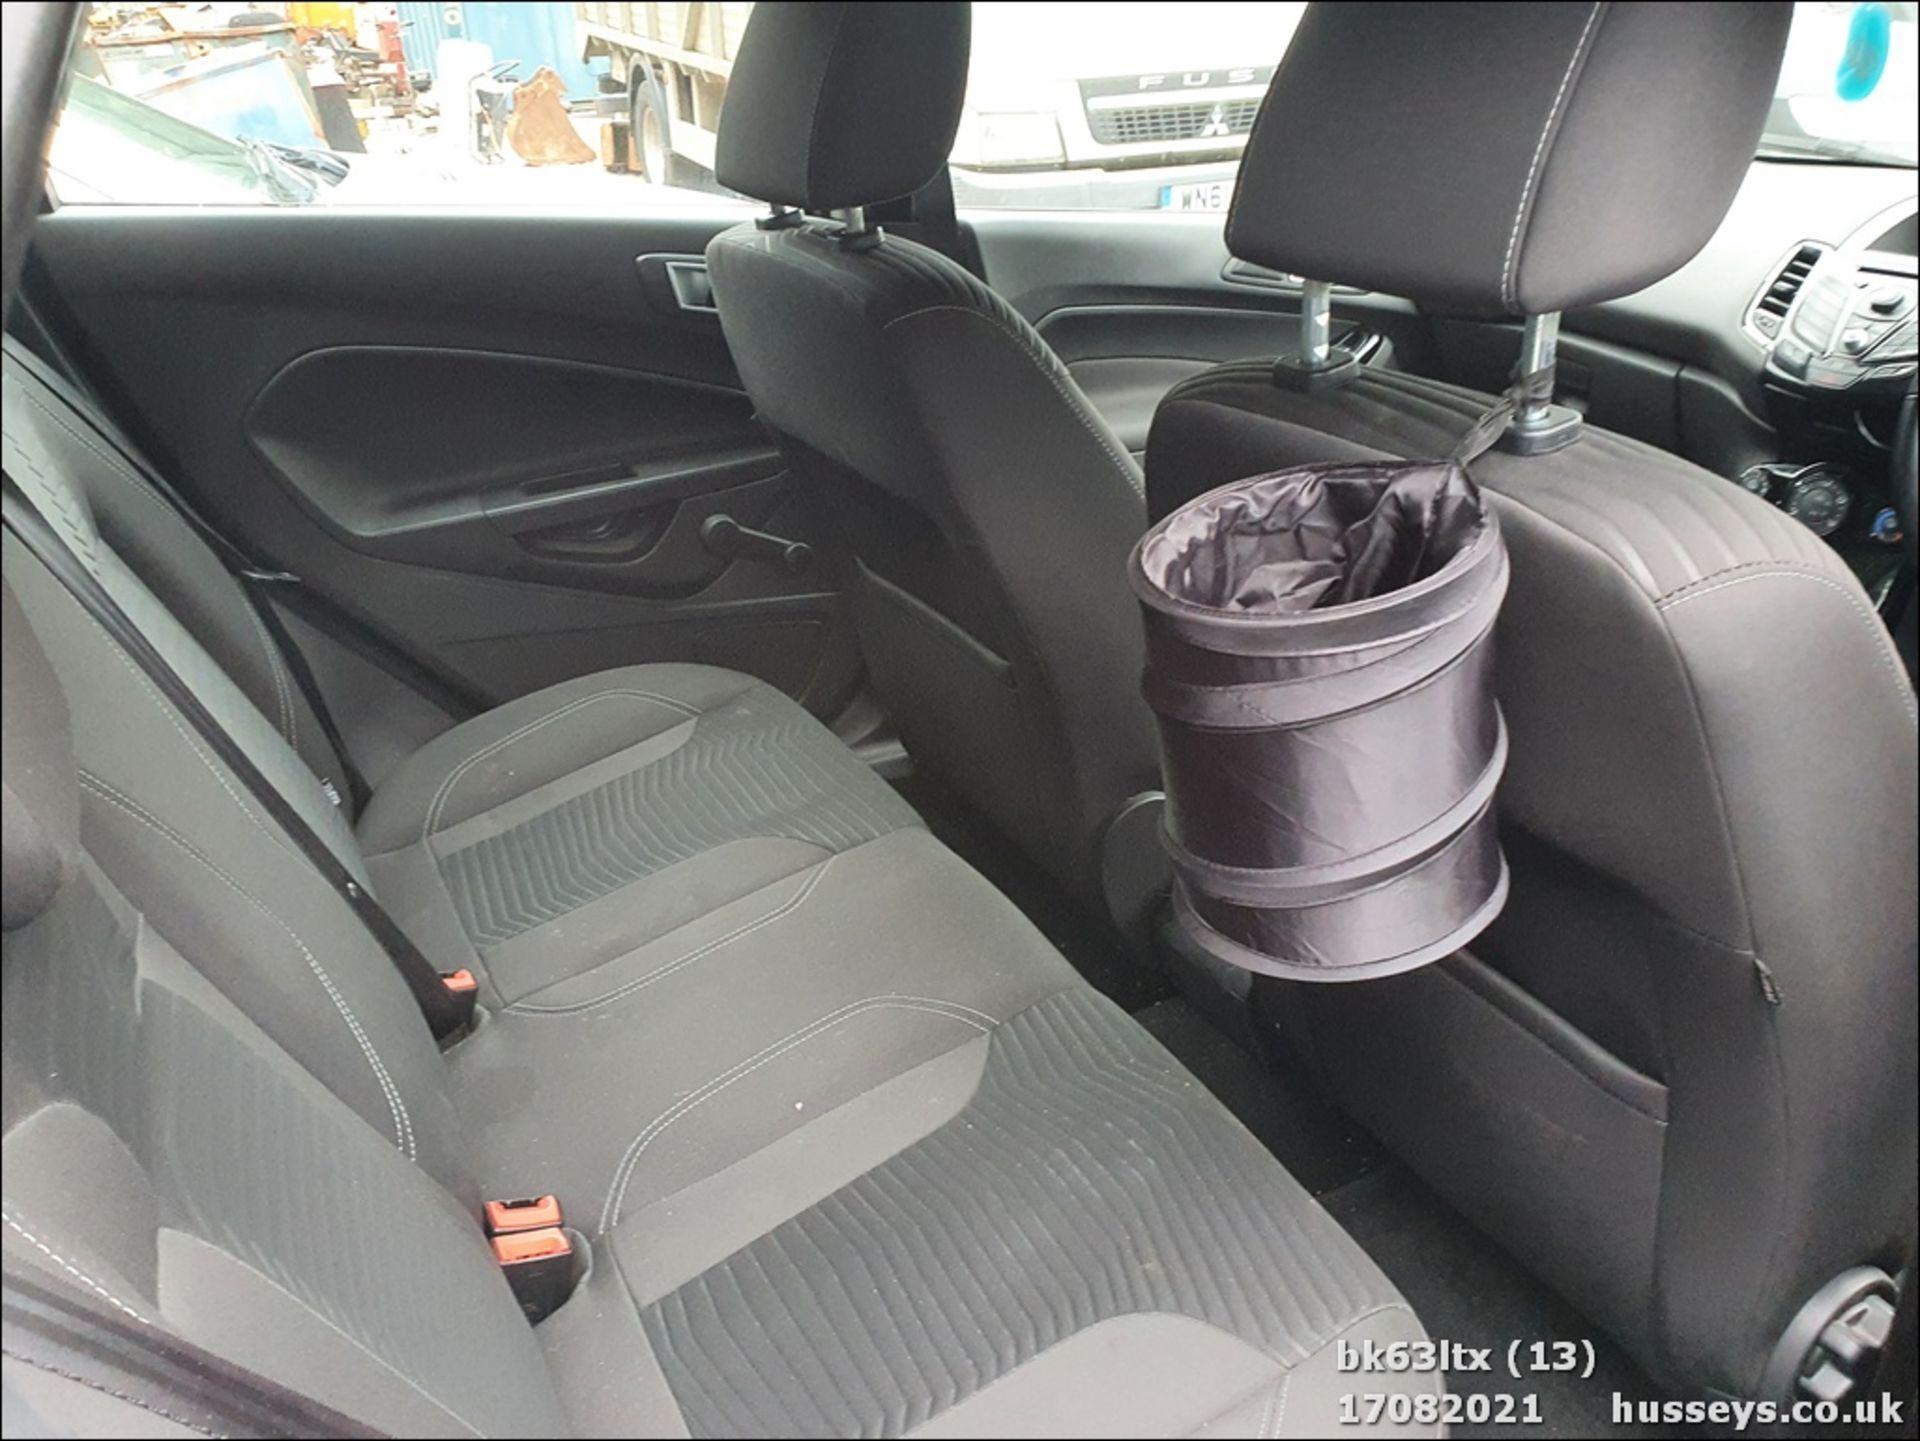 13/63 FORD FIESTA ZETEC - 998cc 5dr Hatchback (Black, 53k) - Image 14 of 16